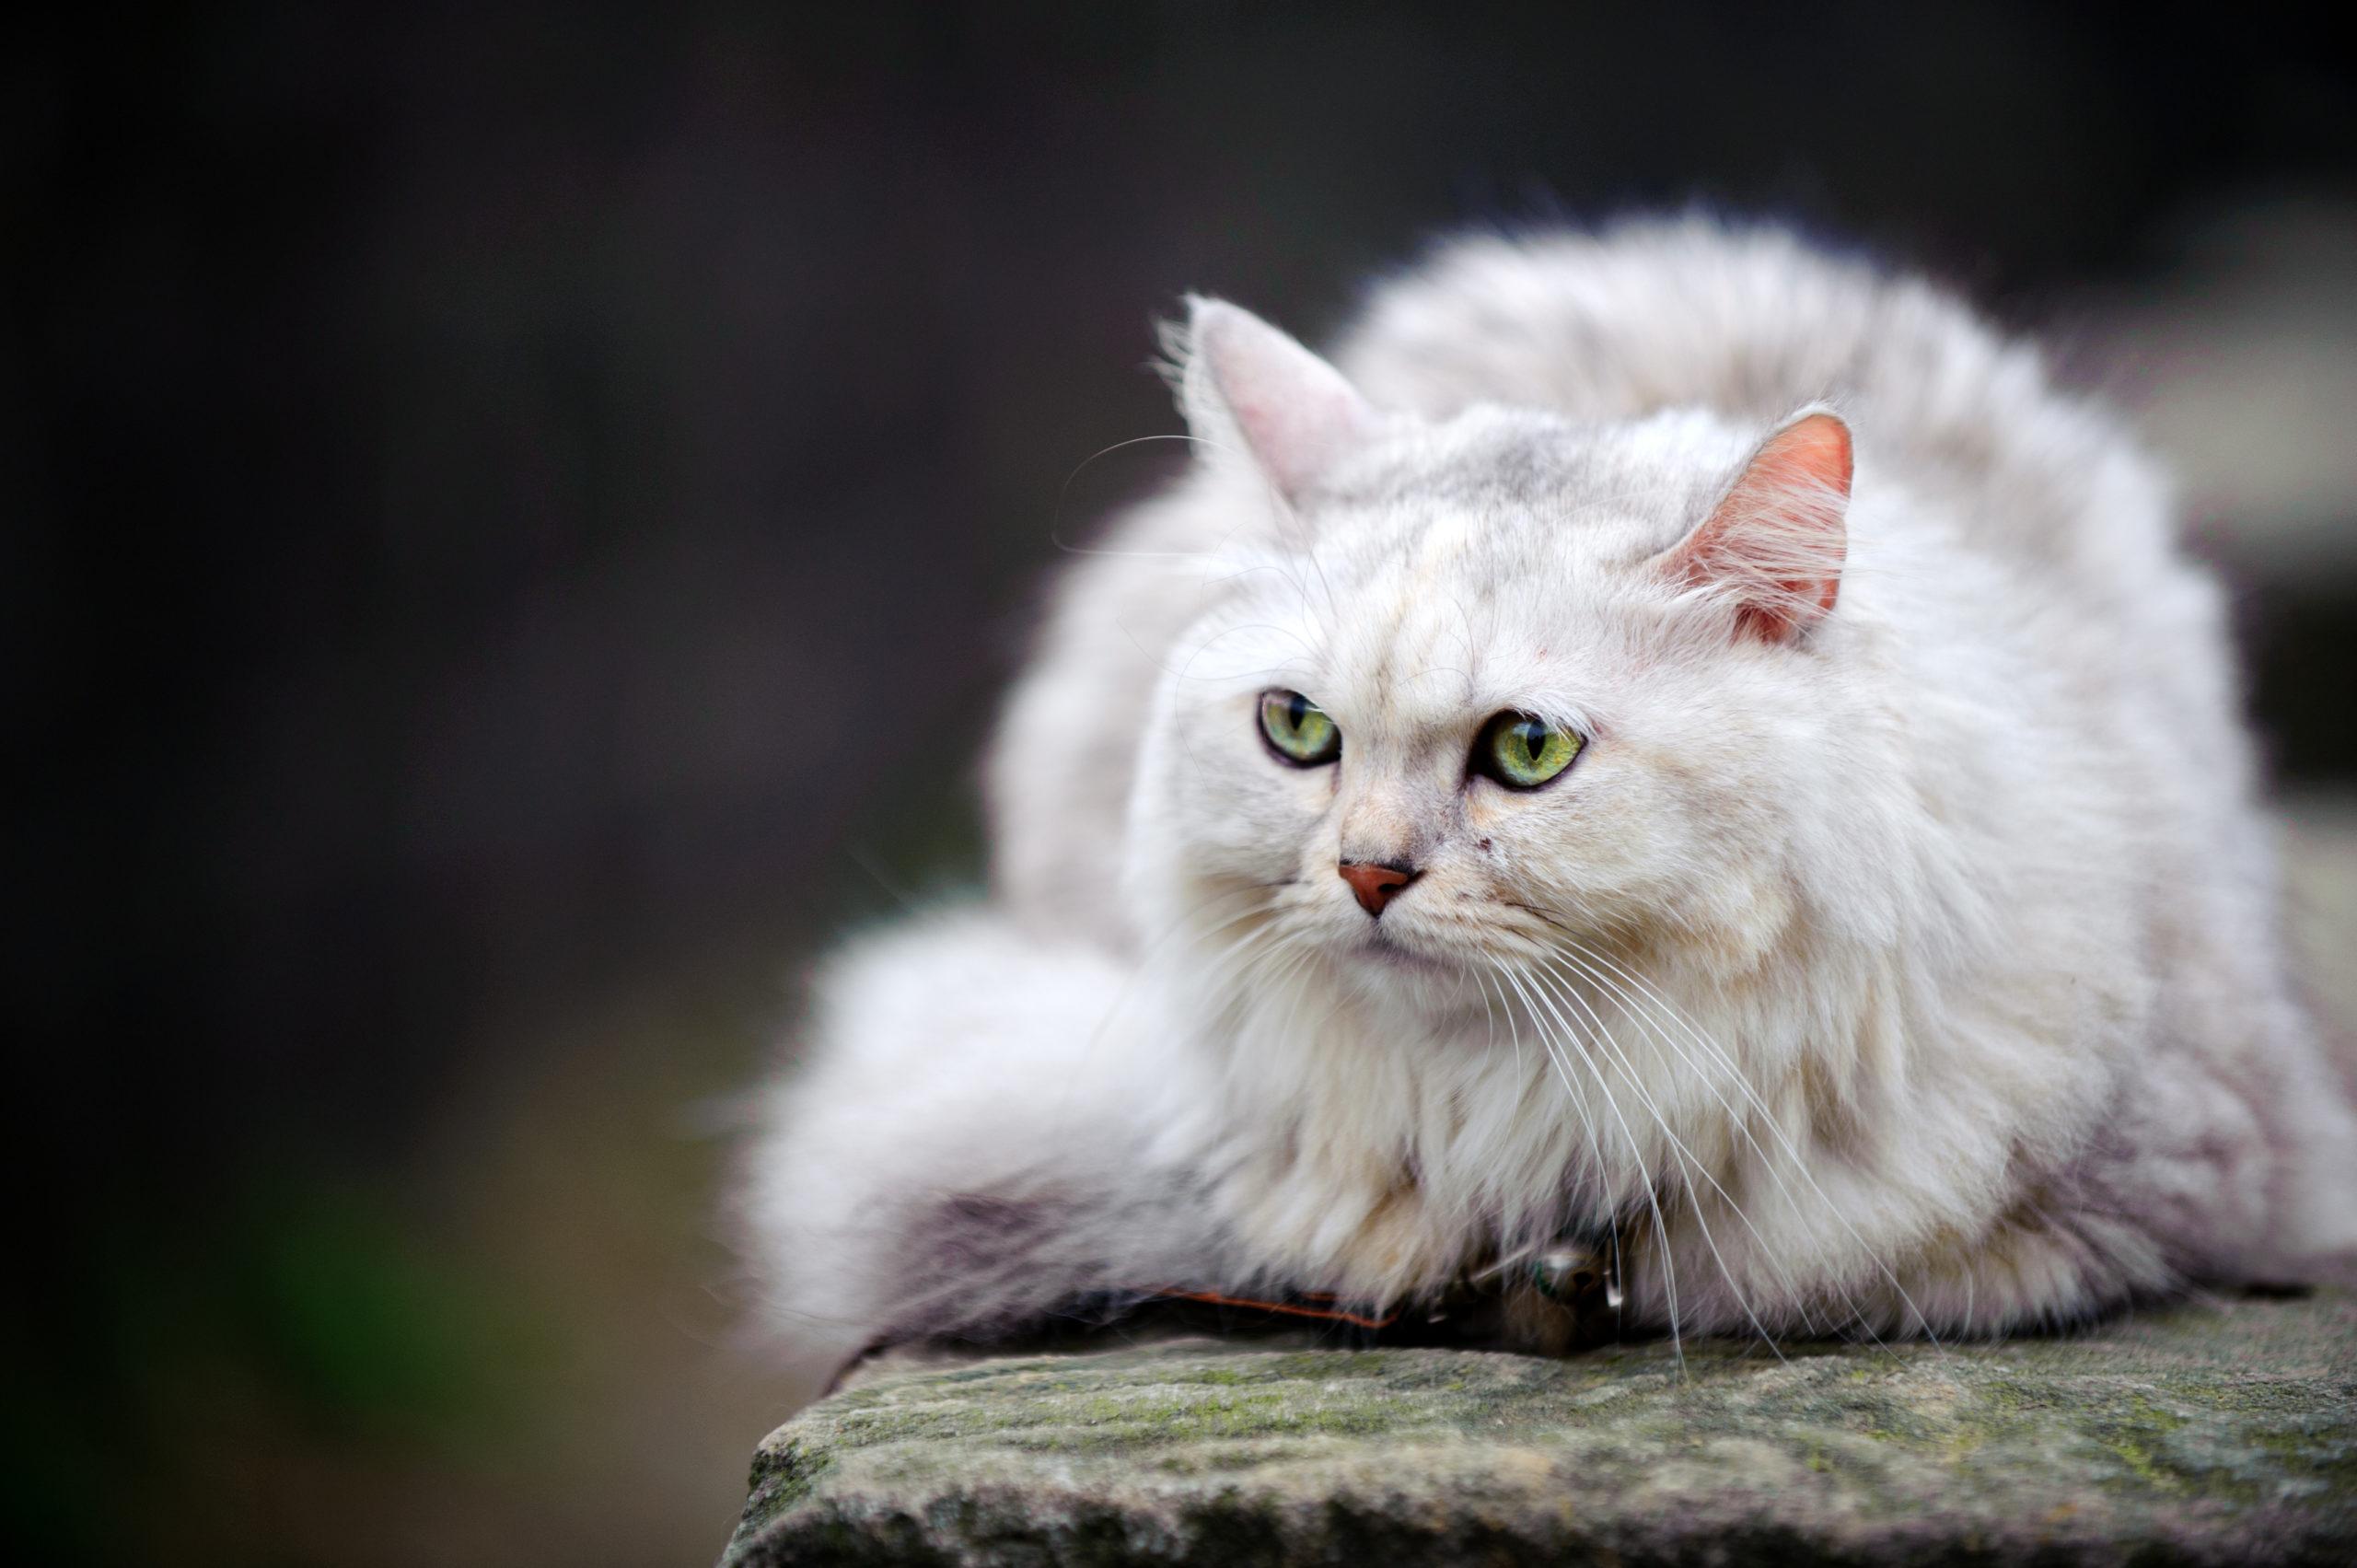 pussycat、puss、pussyの意味と使い方・ニュアンス